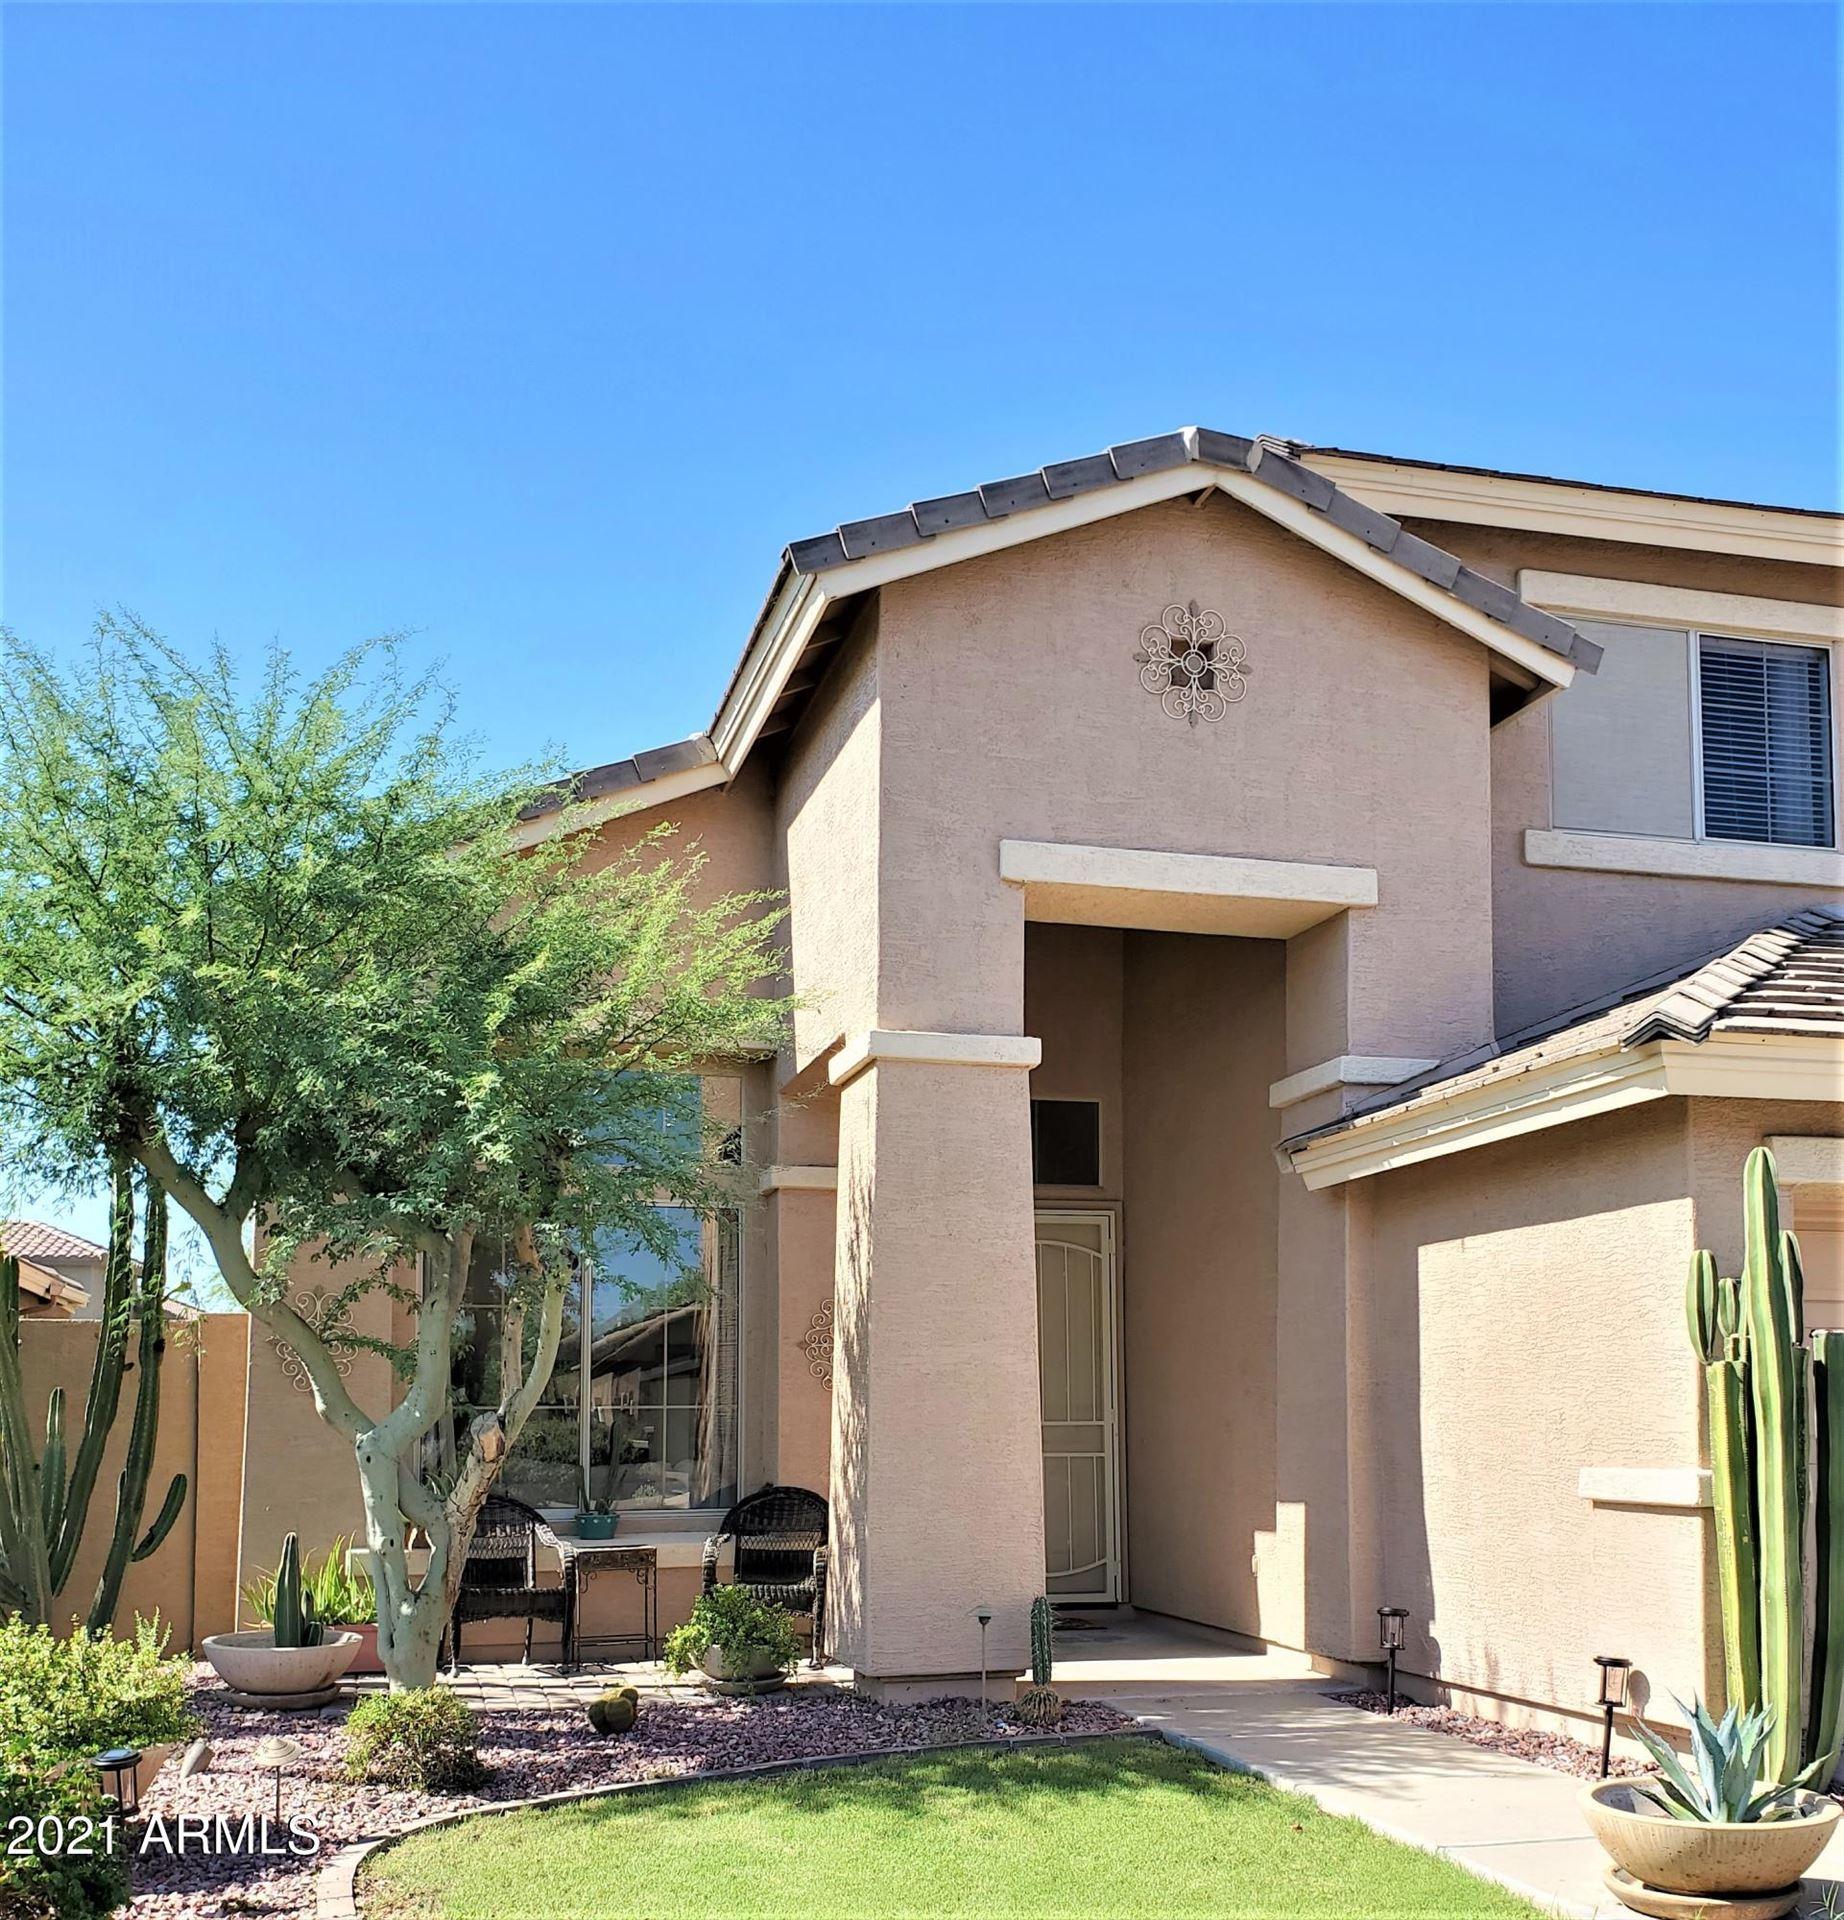 Photo of 41242 N SUTTER Lane, Anthem, AZ 85086 (MLS # 6284418)